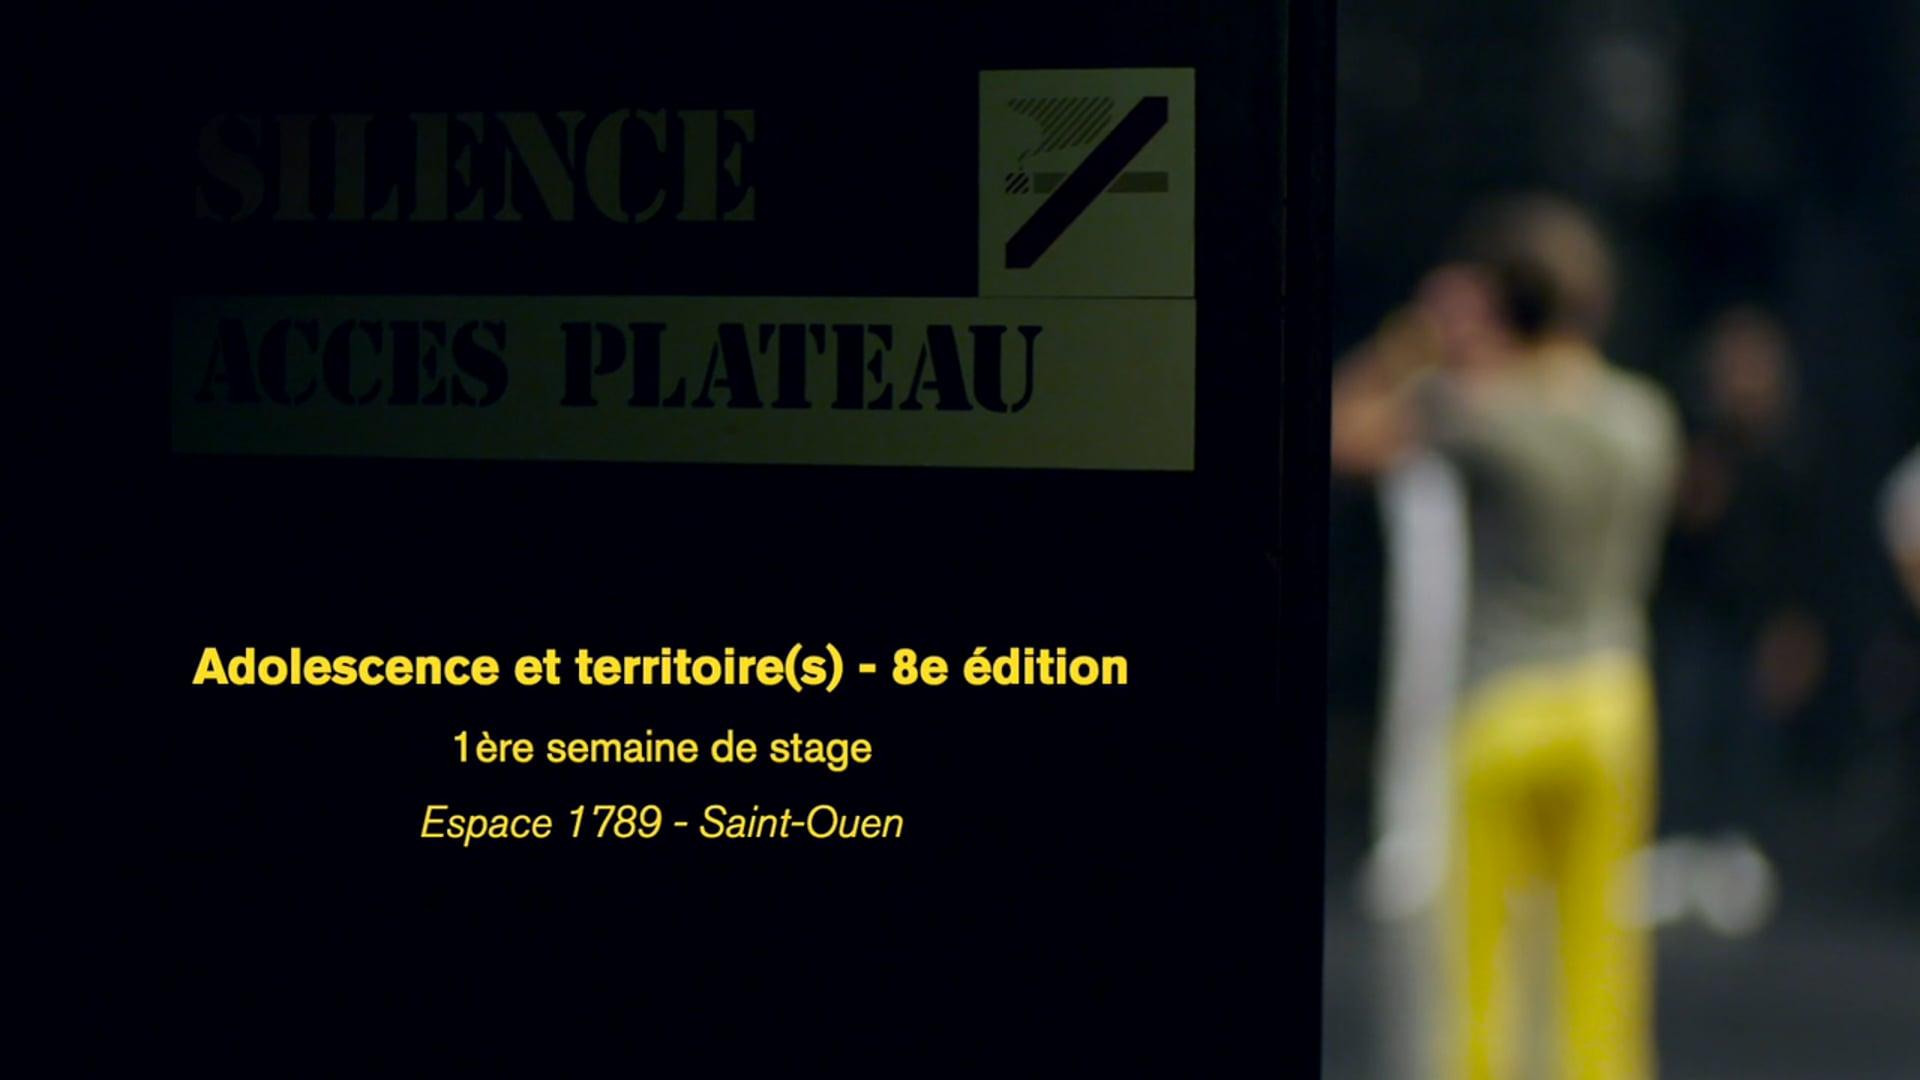 Adolescence et Territoire(s) - 8e édition - EP1